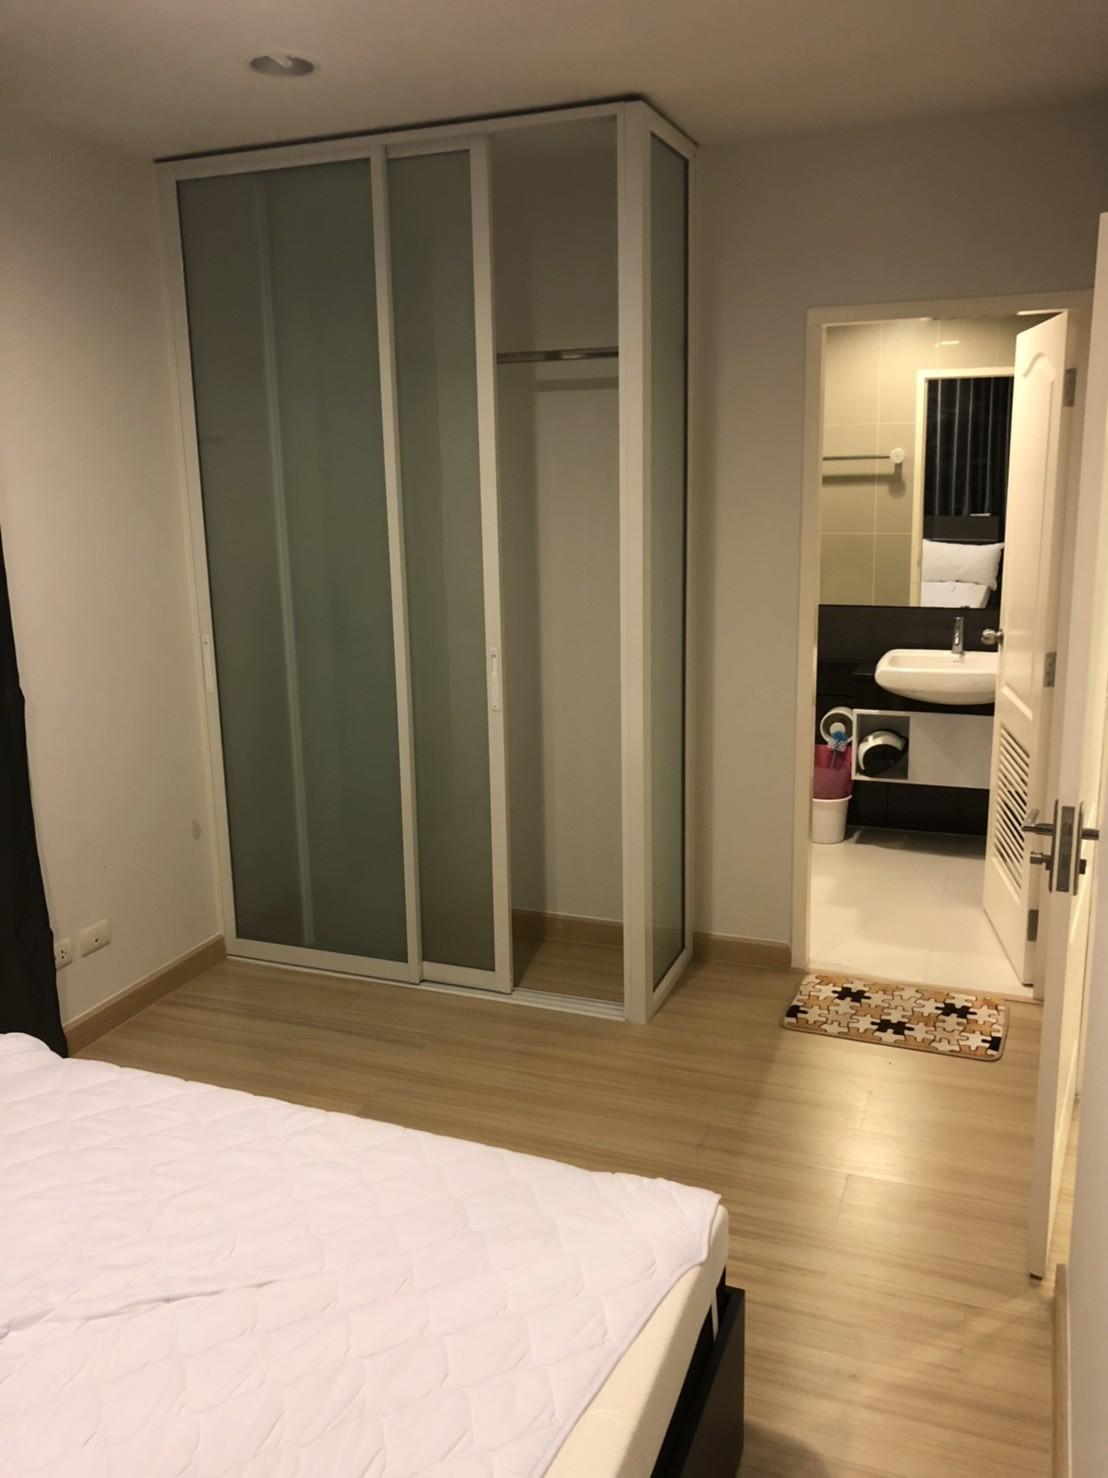 รูปของประกาศขายคอนโดแบงค์คอก ฮอไรซอน รัชดา – ท่าพระ(1 ห้องนอน)(4)